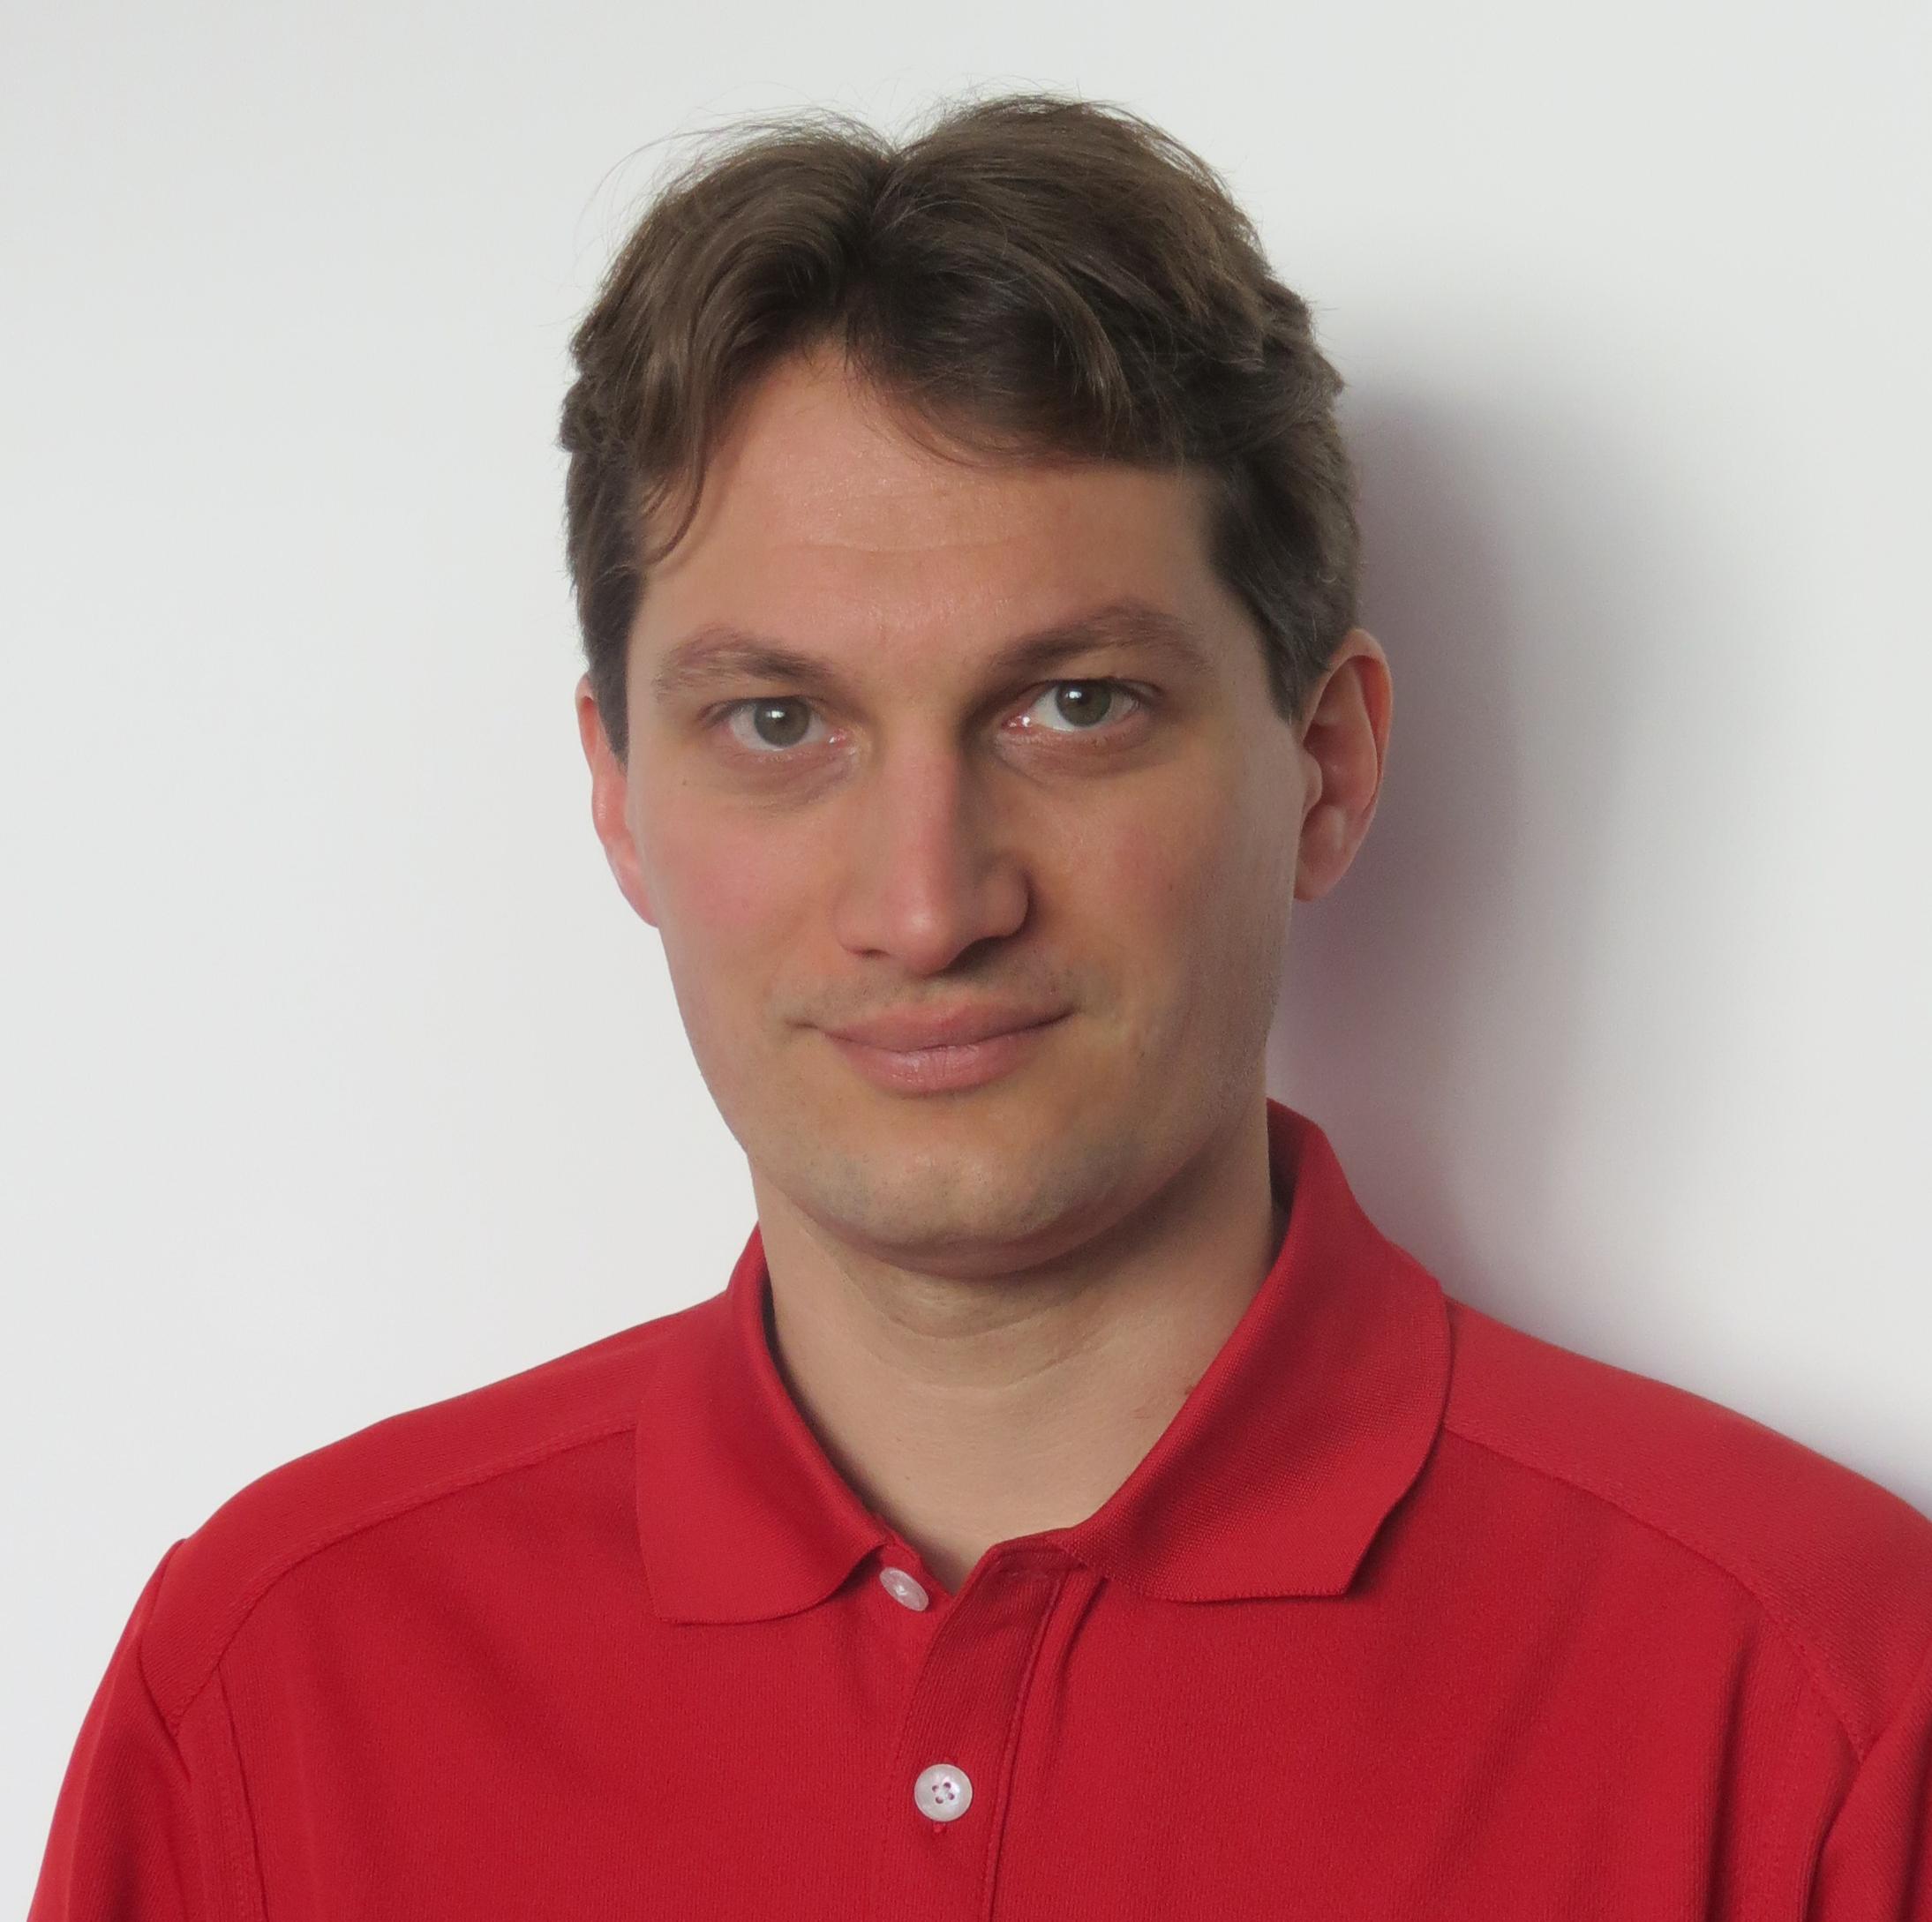 Pour François Rotat, chef de produit des grues à tour chez Manitowoc, avoir les compétences en termes de développement des logiciels embarqués sur les grues est aujourd'hui un atout compétitif clé pour Manitowoc.